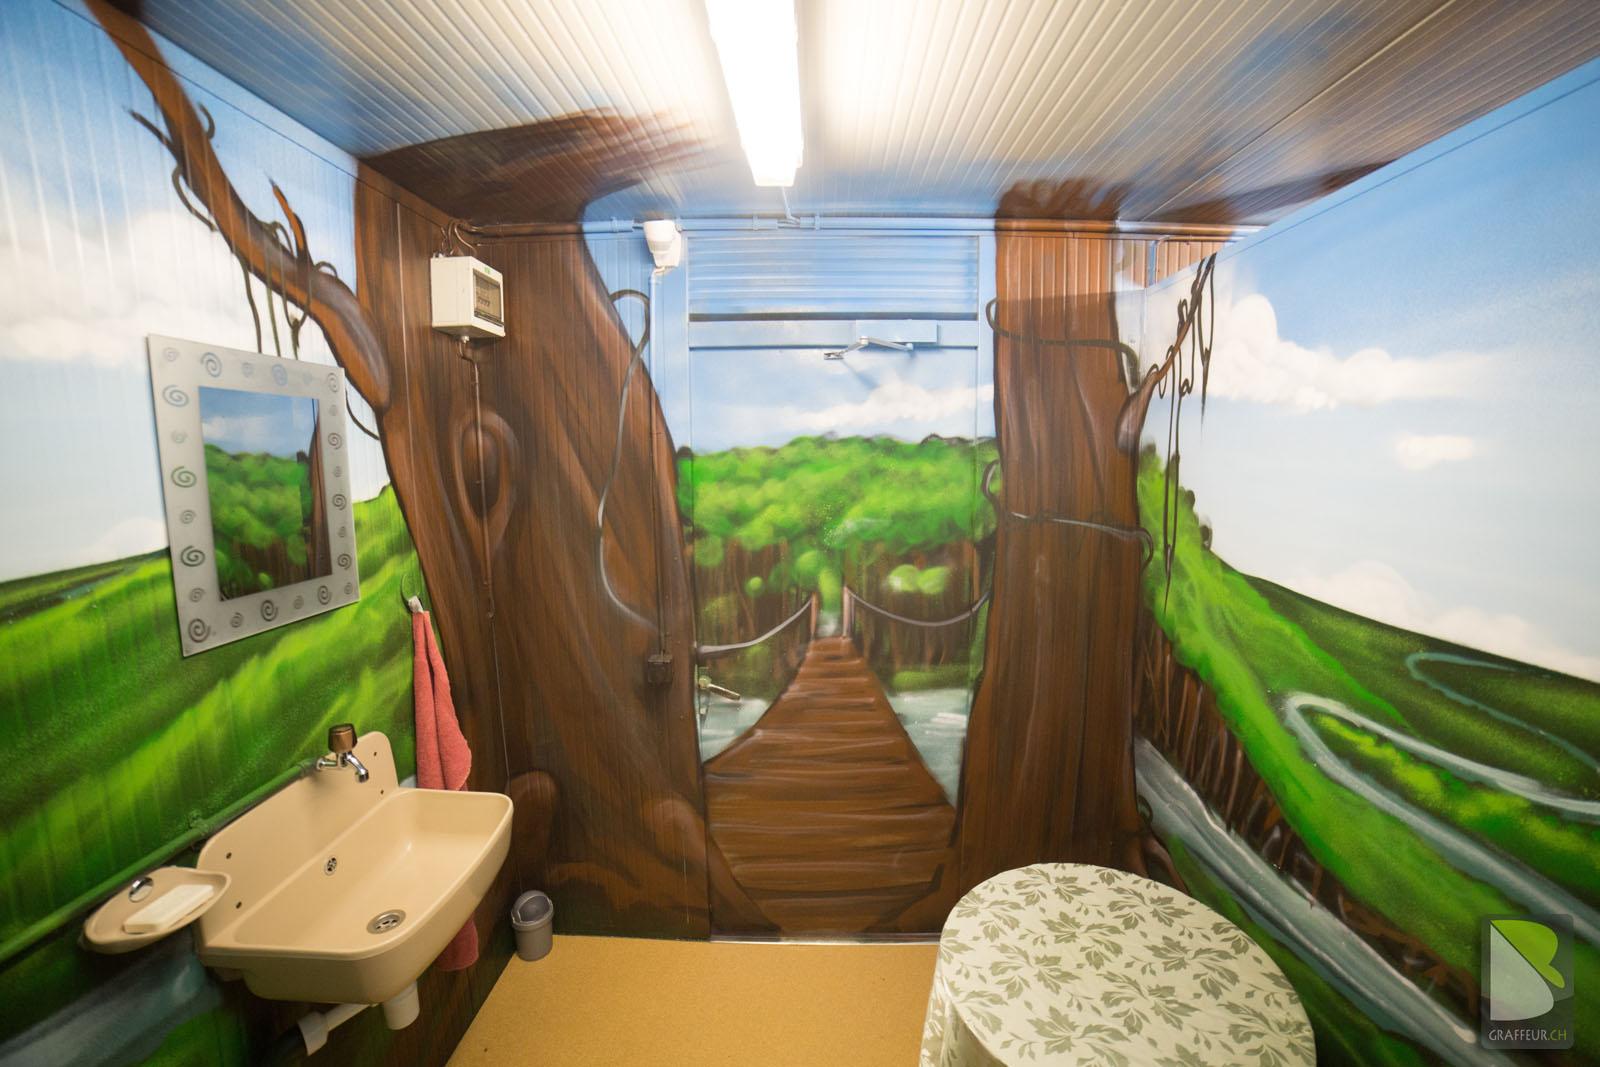 D Coration Nature Salle De Bain Toilettes Graffeur Ch